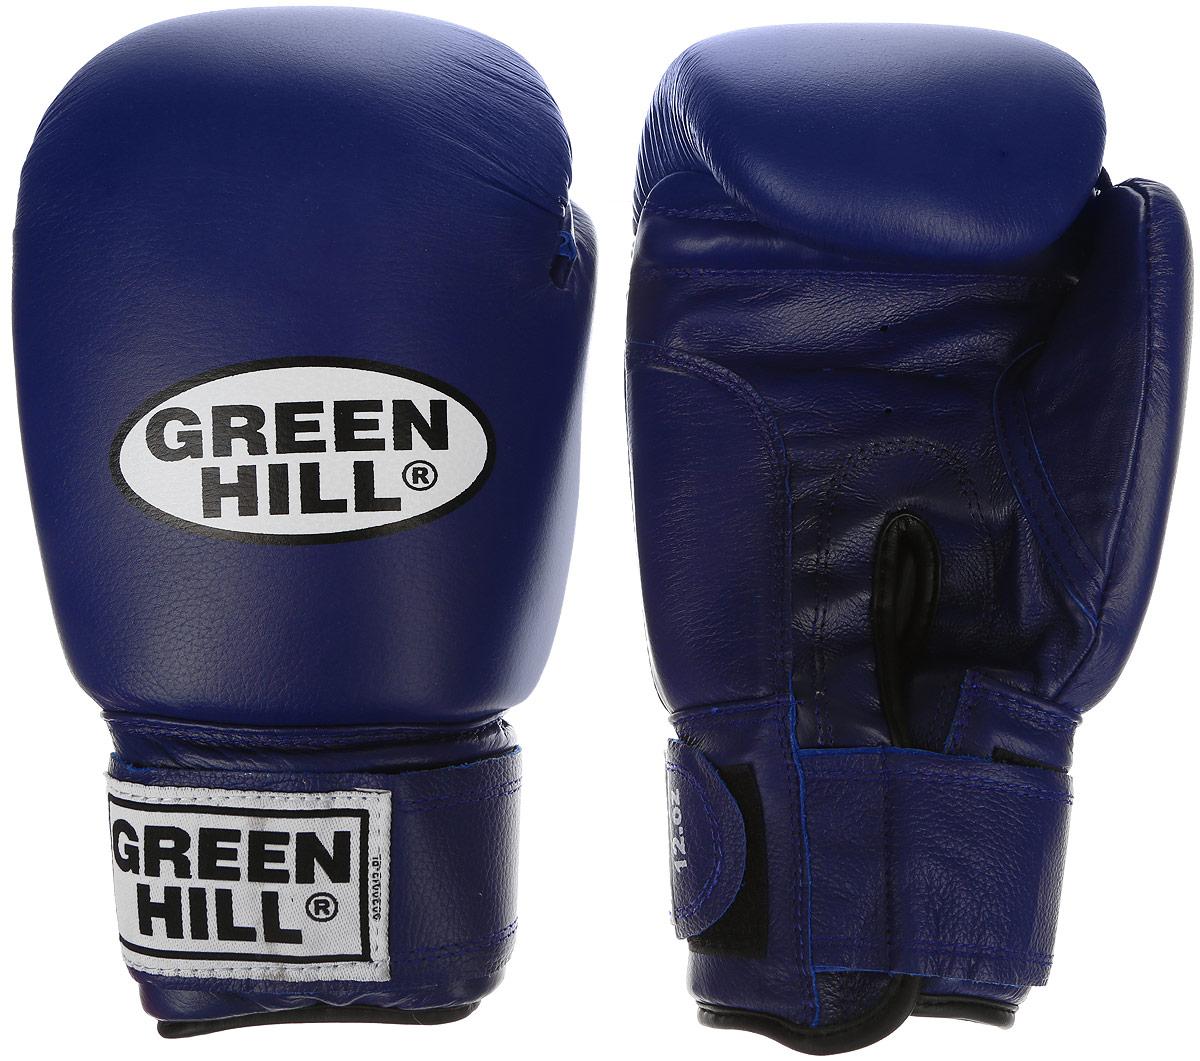 Перчатки боксерские Green Hill Super Star, цвет: синий, белый. Вес 12 унций. BGS-1213сBGS-1213сБоксерские перчатки Green Hill Super Star предназначены для использования профессионалами. Подойдут для спаррингов и соревнований. Верх выполнен из натуральной кожи, наполнитель - из вспененного полимера. Отверстие в области ладони позволяет создать максимально комфортный терморежим во время занятий. Манжет на липучке способствует быстрому и удобному надеванию перчаток, плотно фиксирует перчатки на руке.